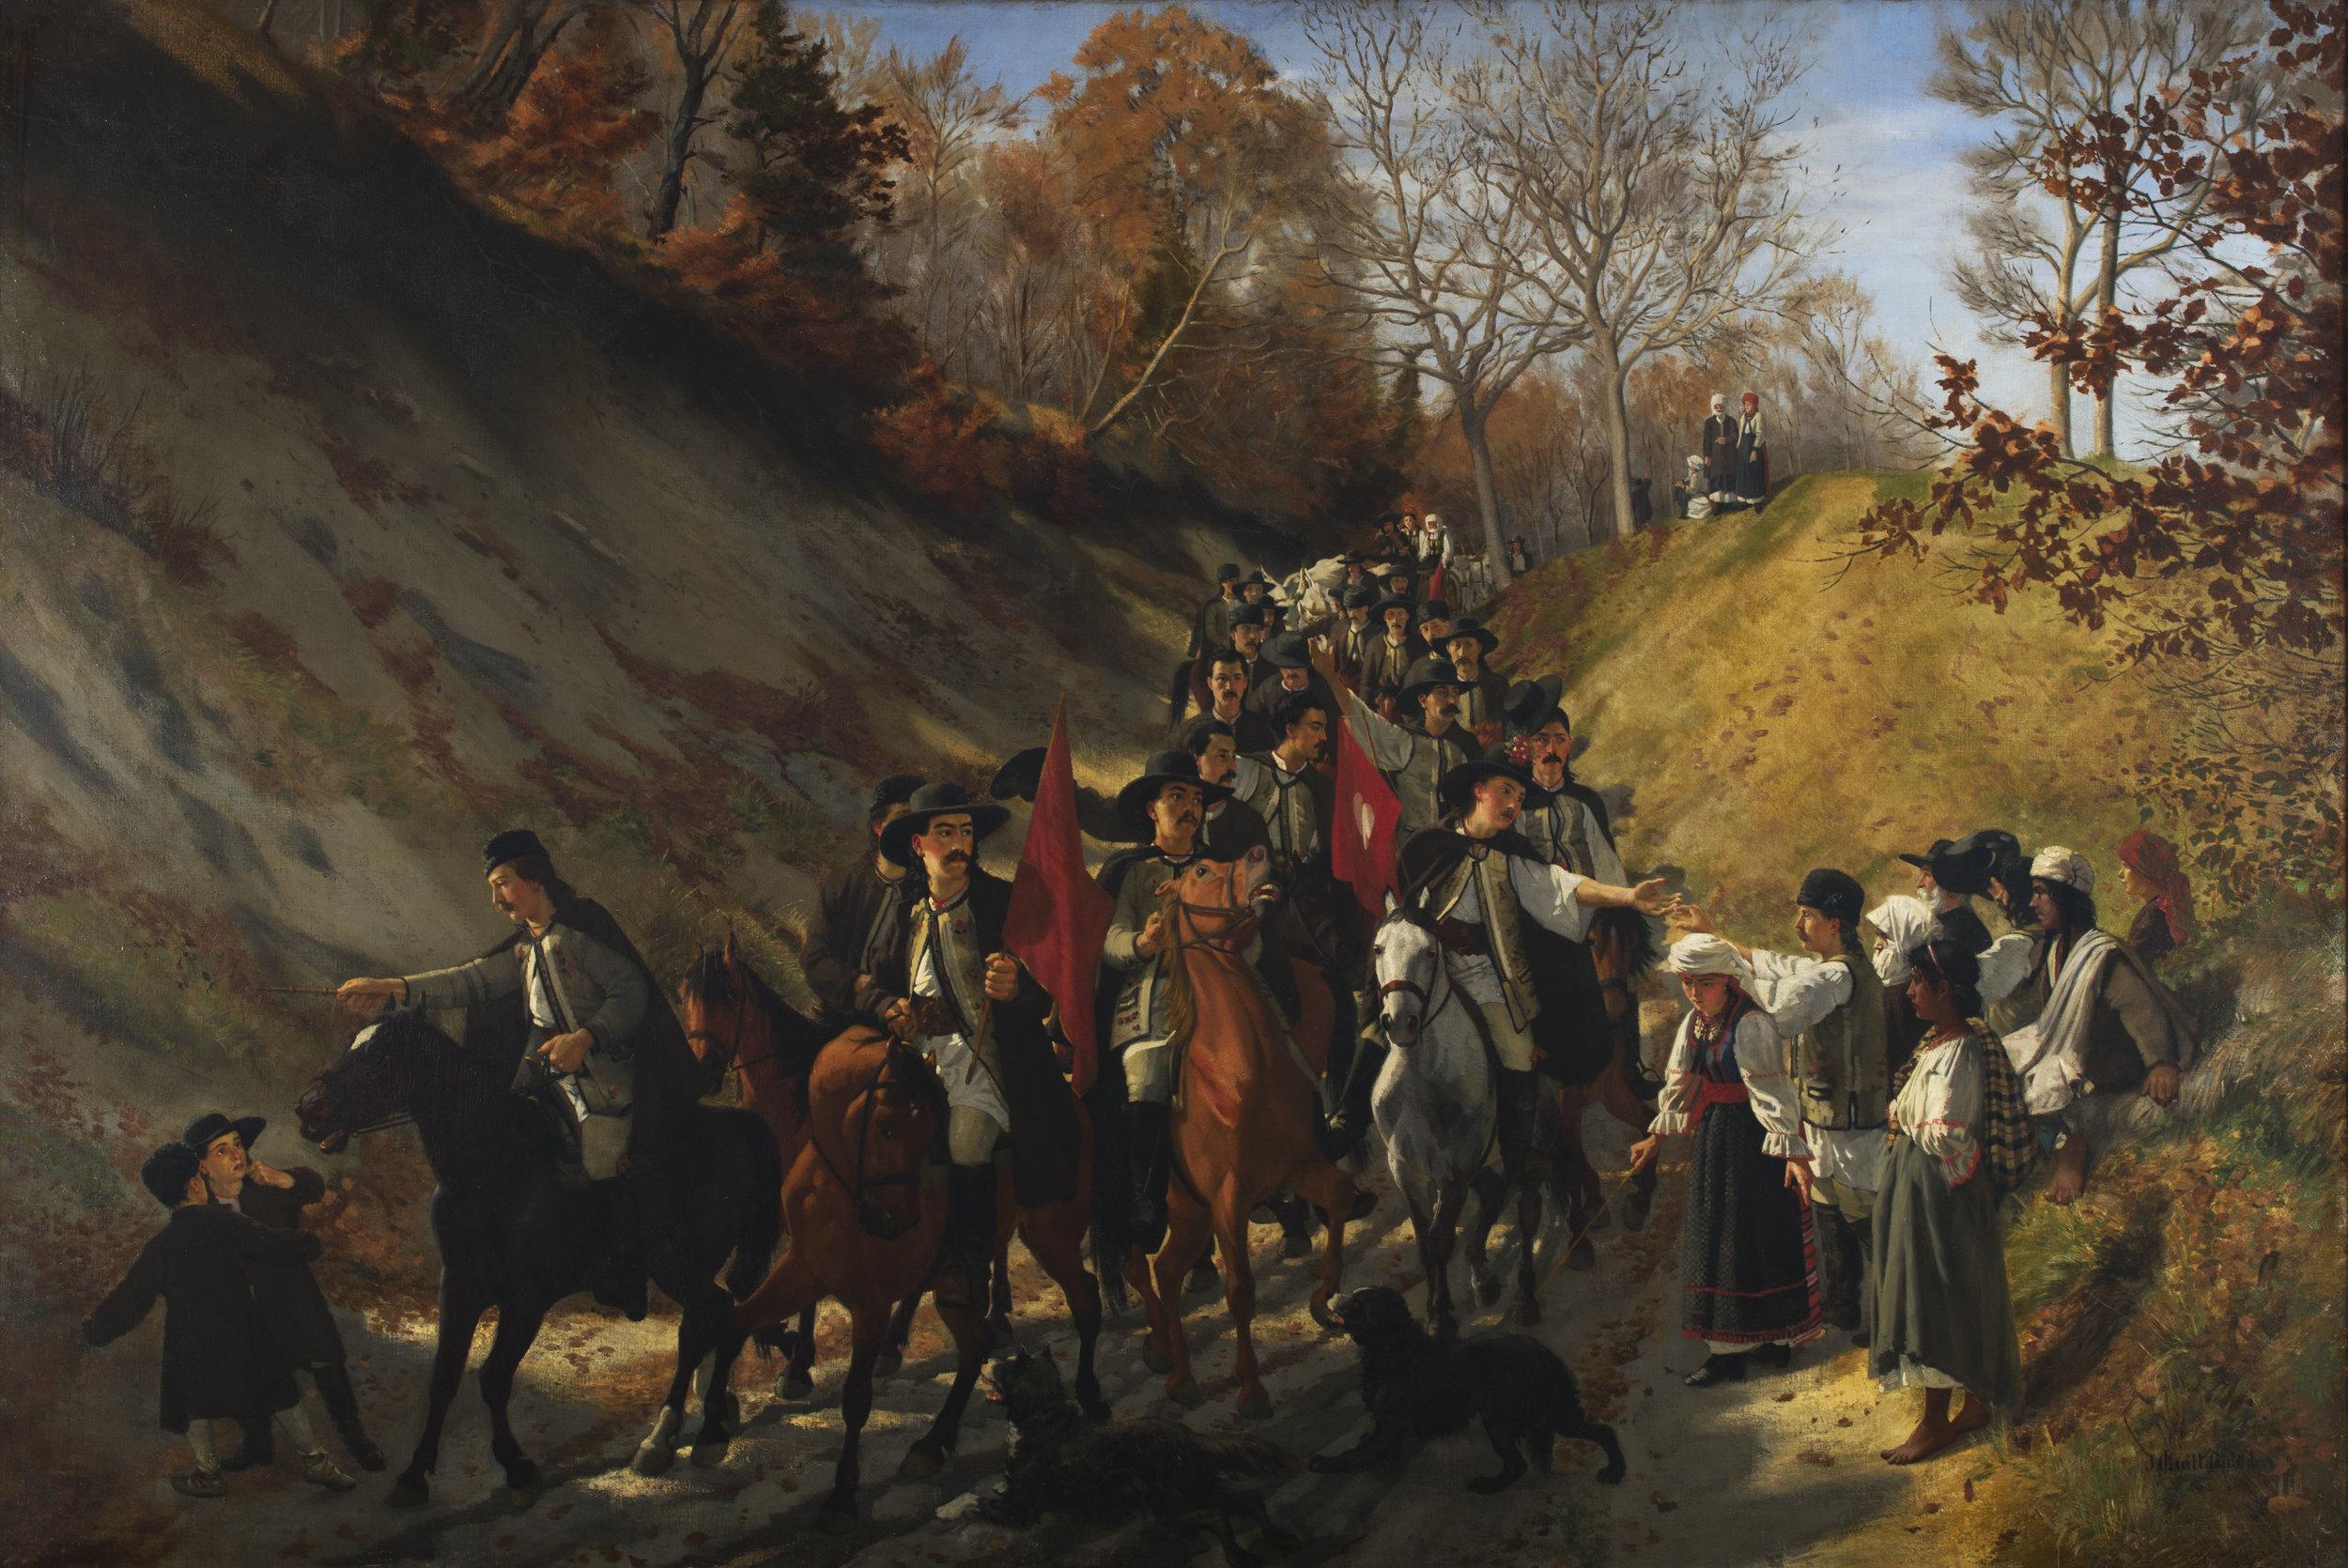 Le cortège de noce en Valachie  de Jules Jacot Guillarmod, 1866 Huile sur toile, 152 x 226 cm